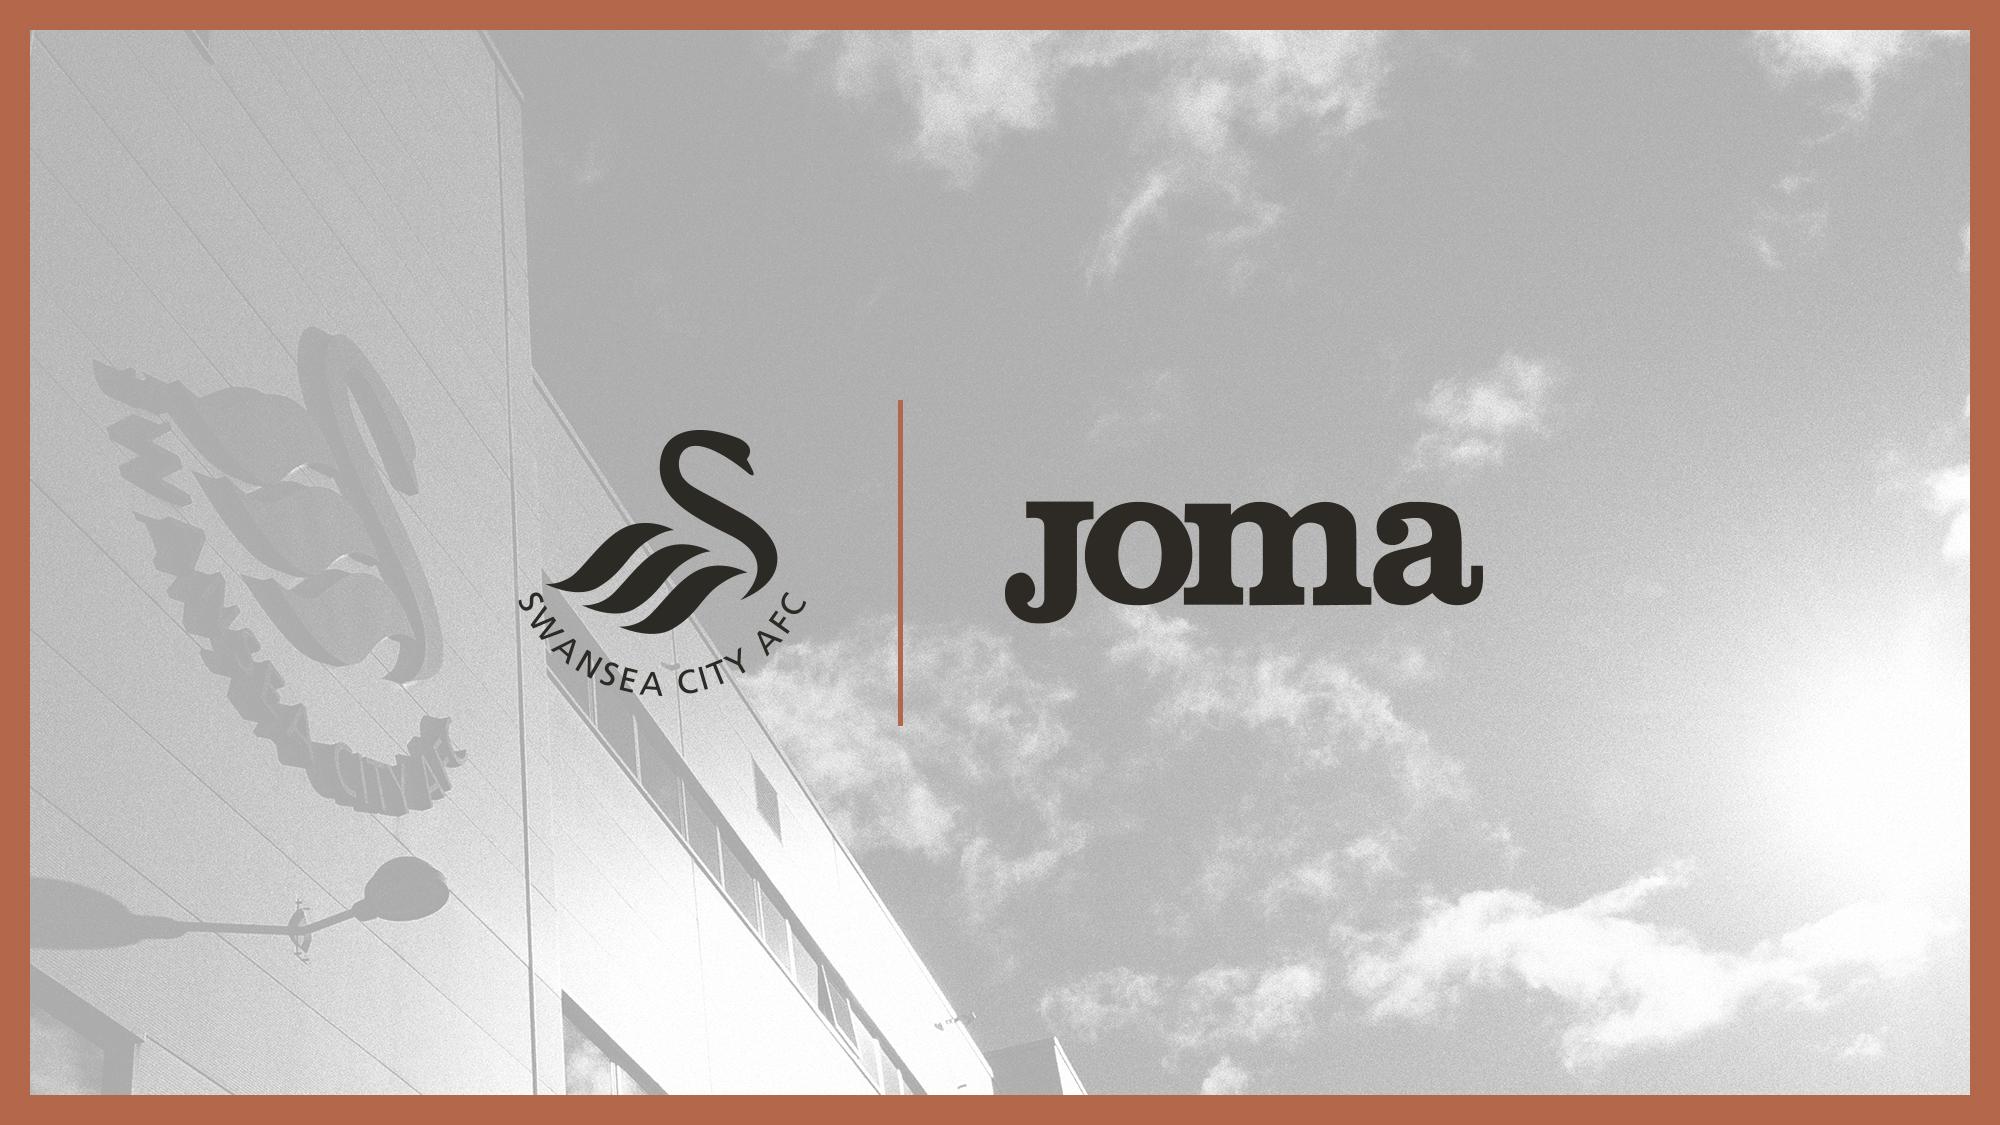 Swansea City Joma